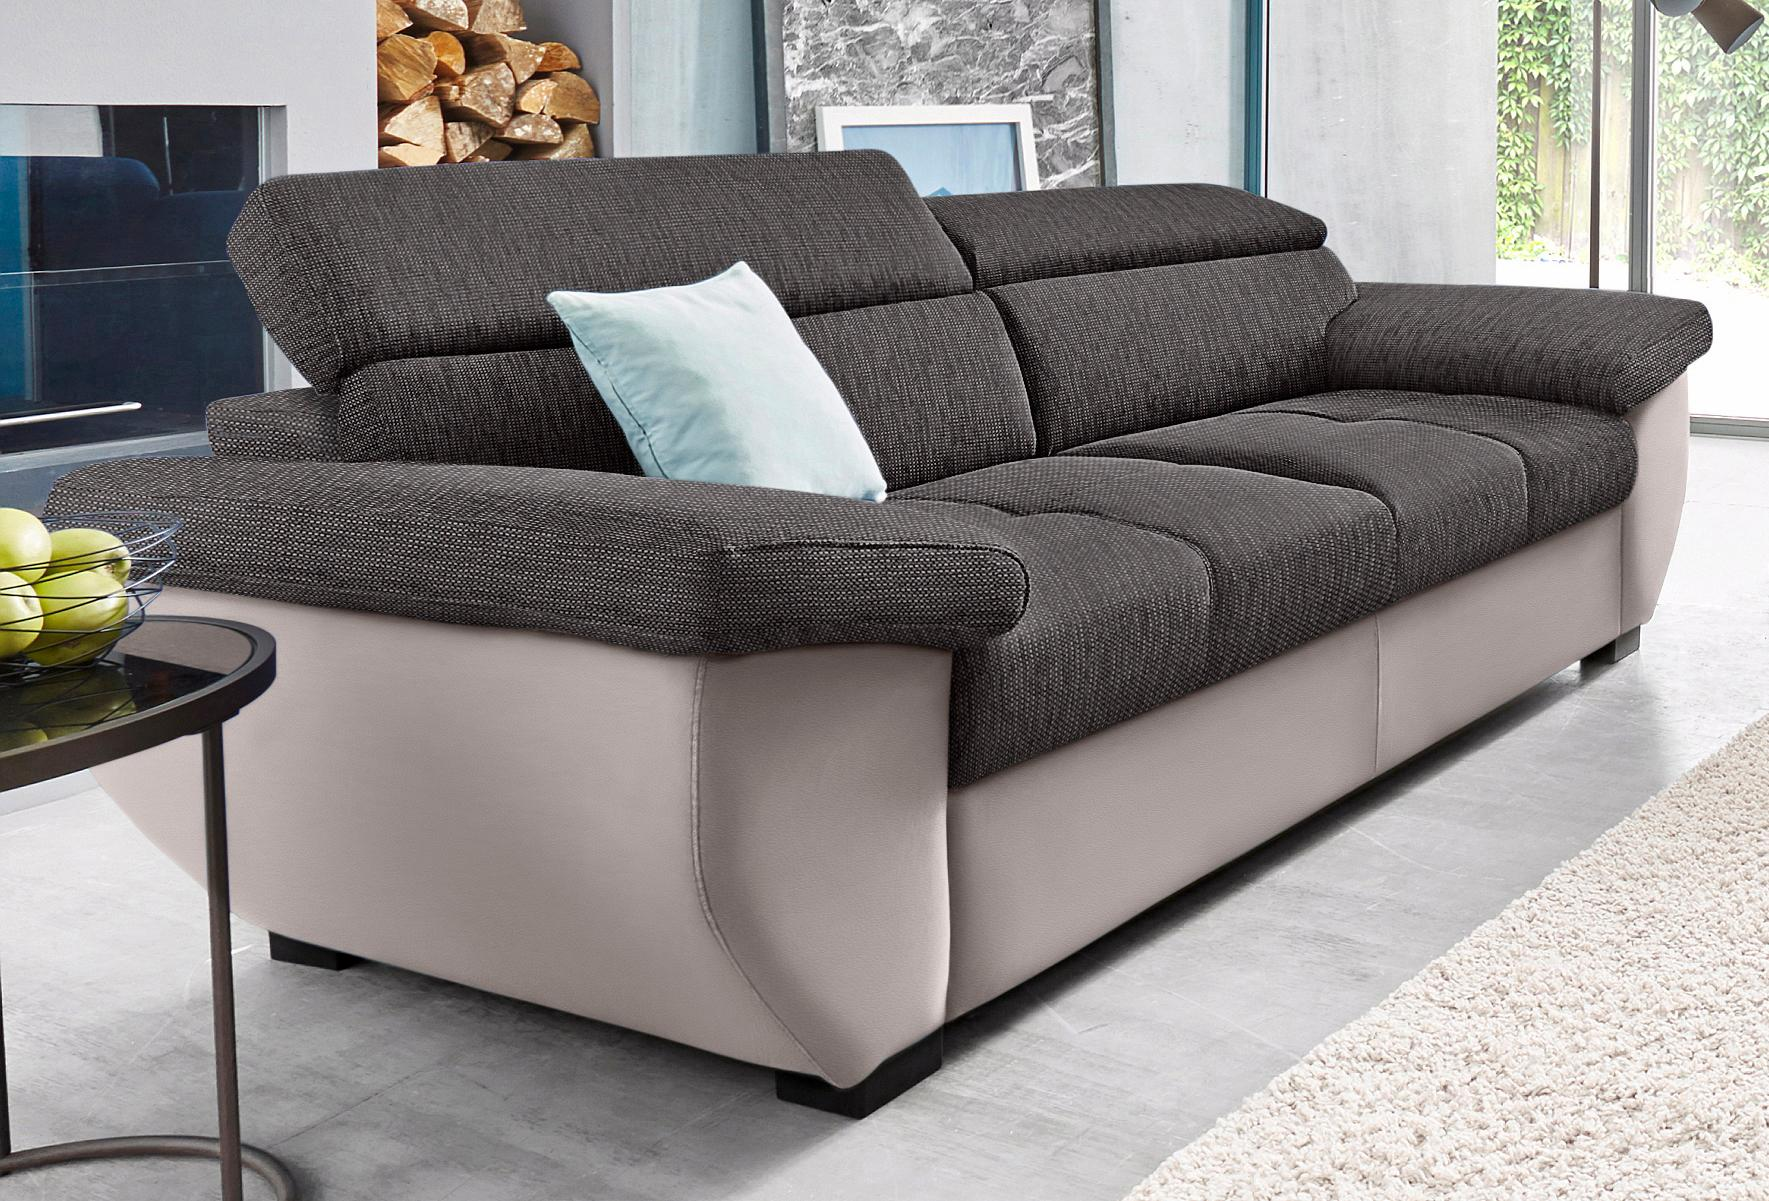 Cotta 3-Sitzer   Wohnzimmer > Sofas & Couches > 2 & 3 Sitzer Sofas   COTTA